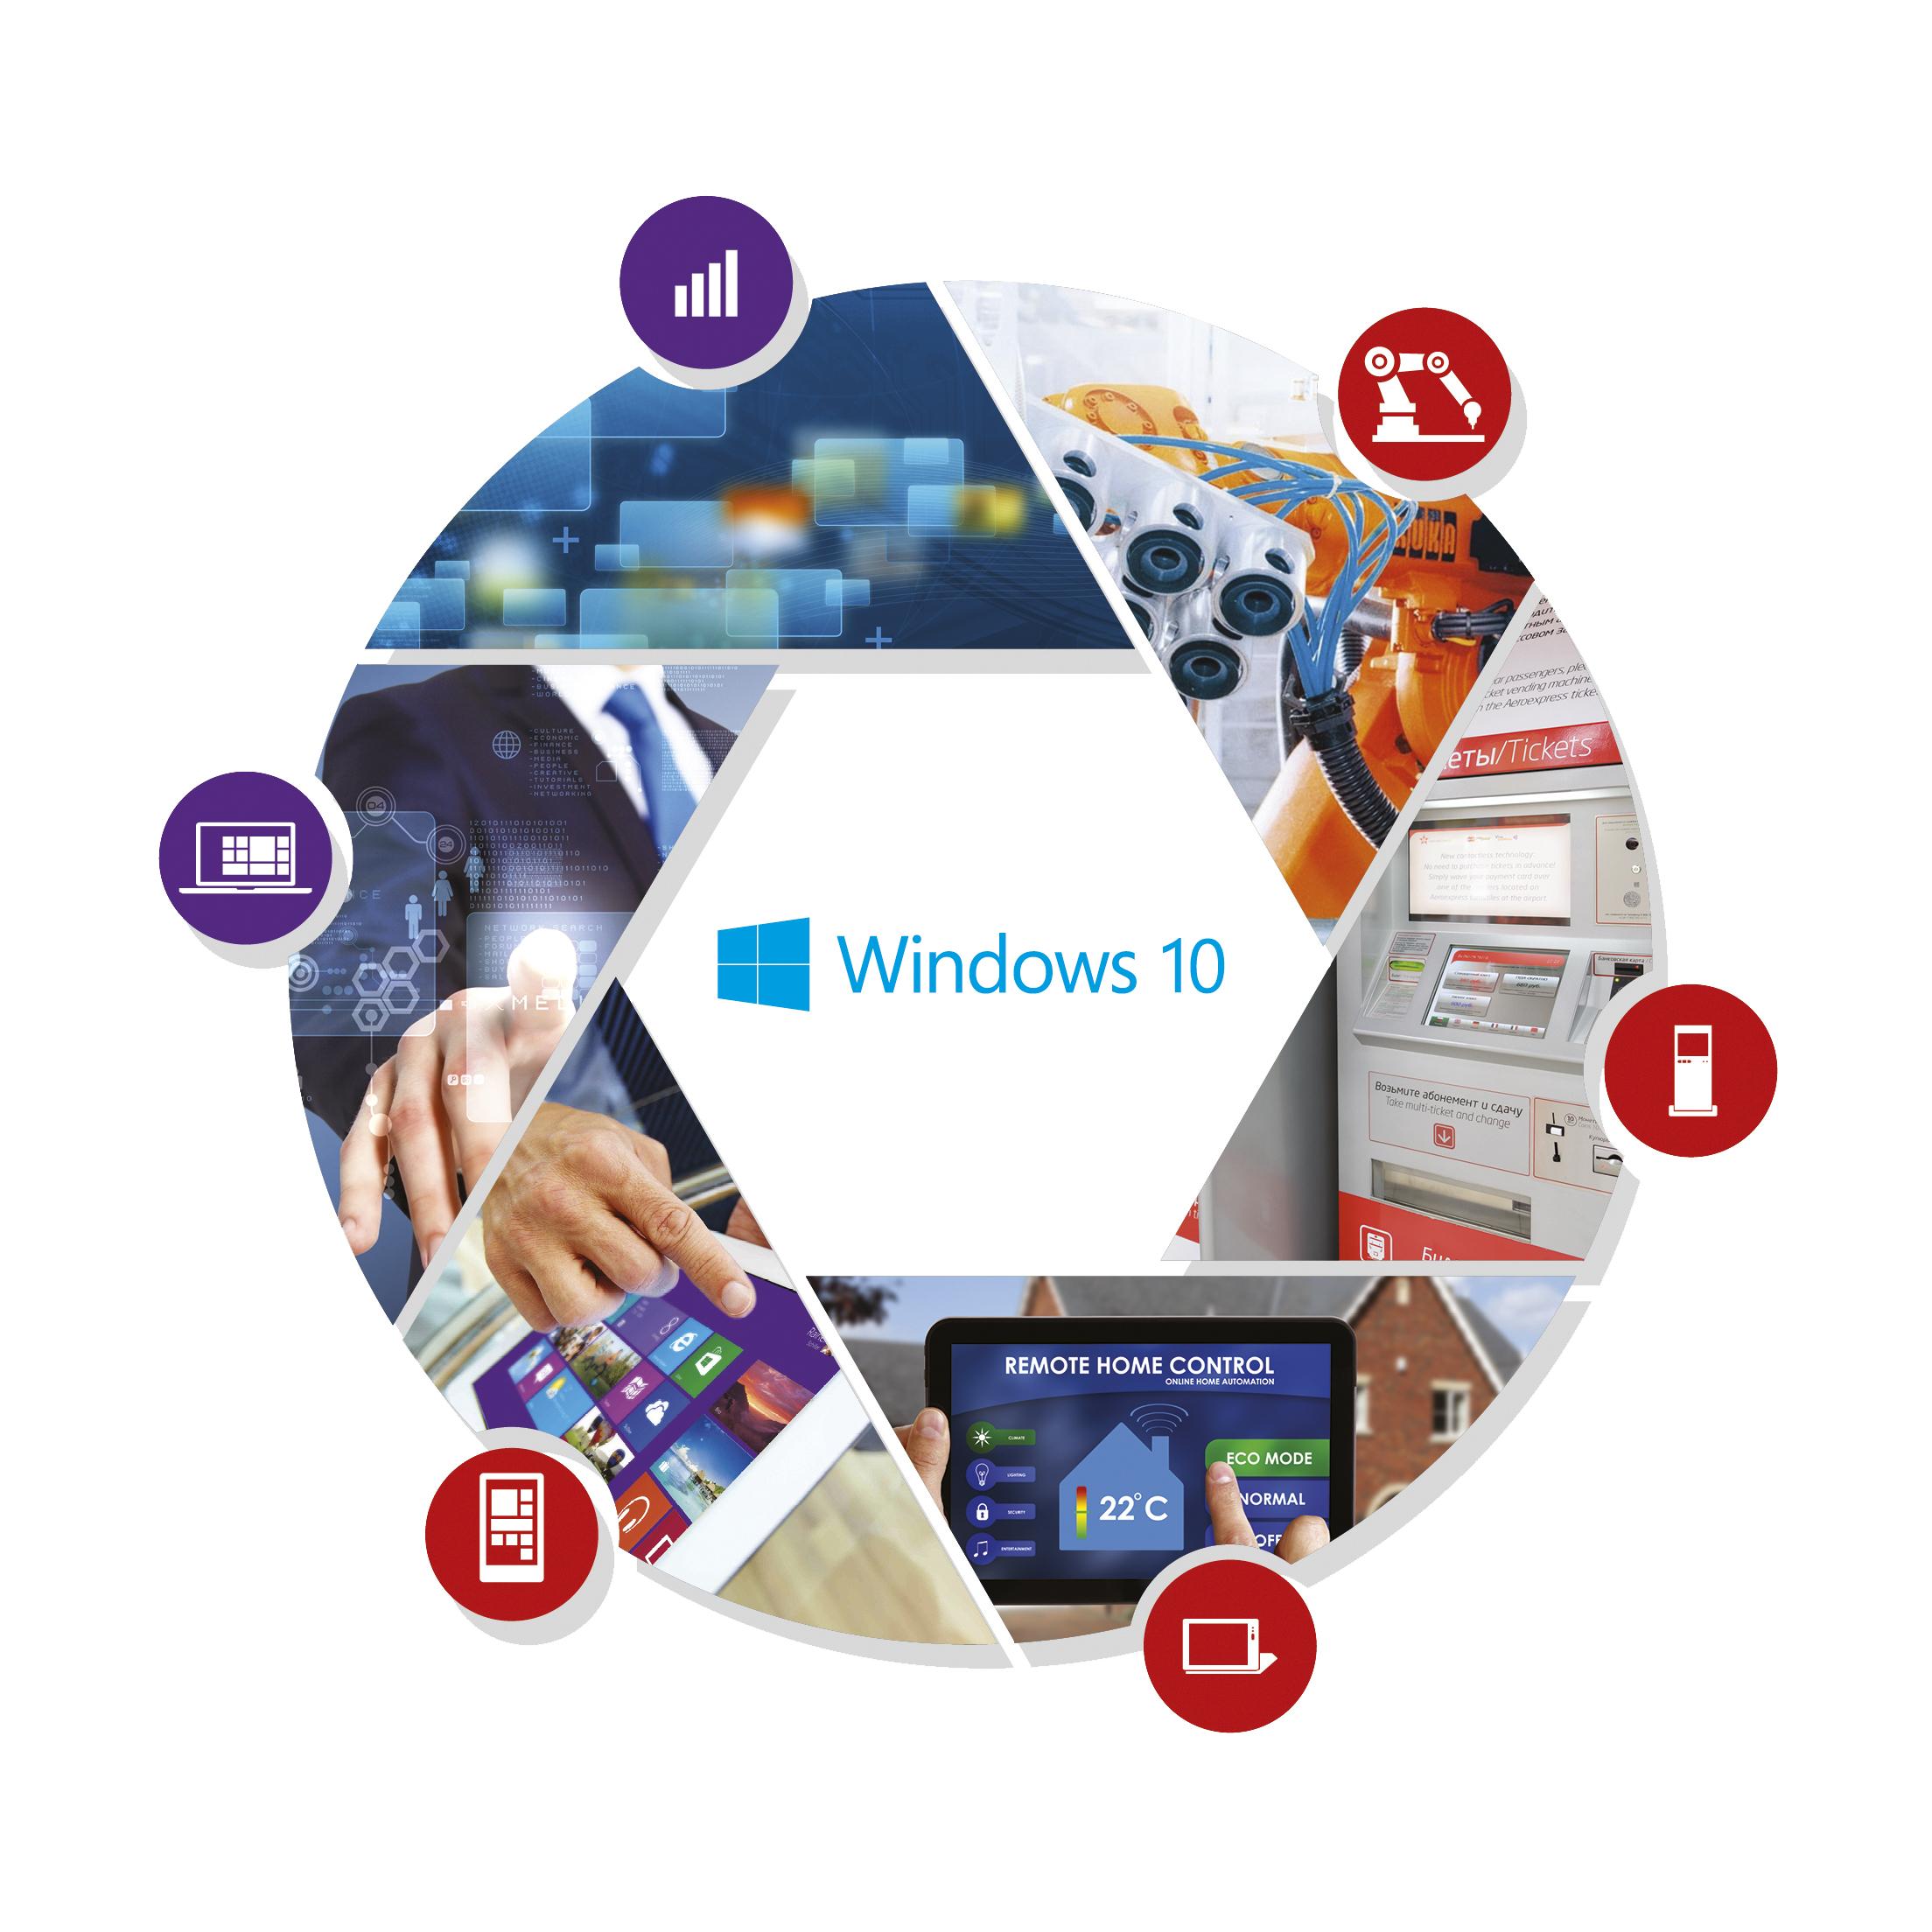 Создавайте новые устройства на базе современной ОС Windows 10 IoT